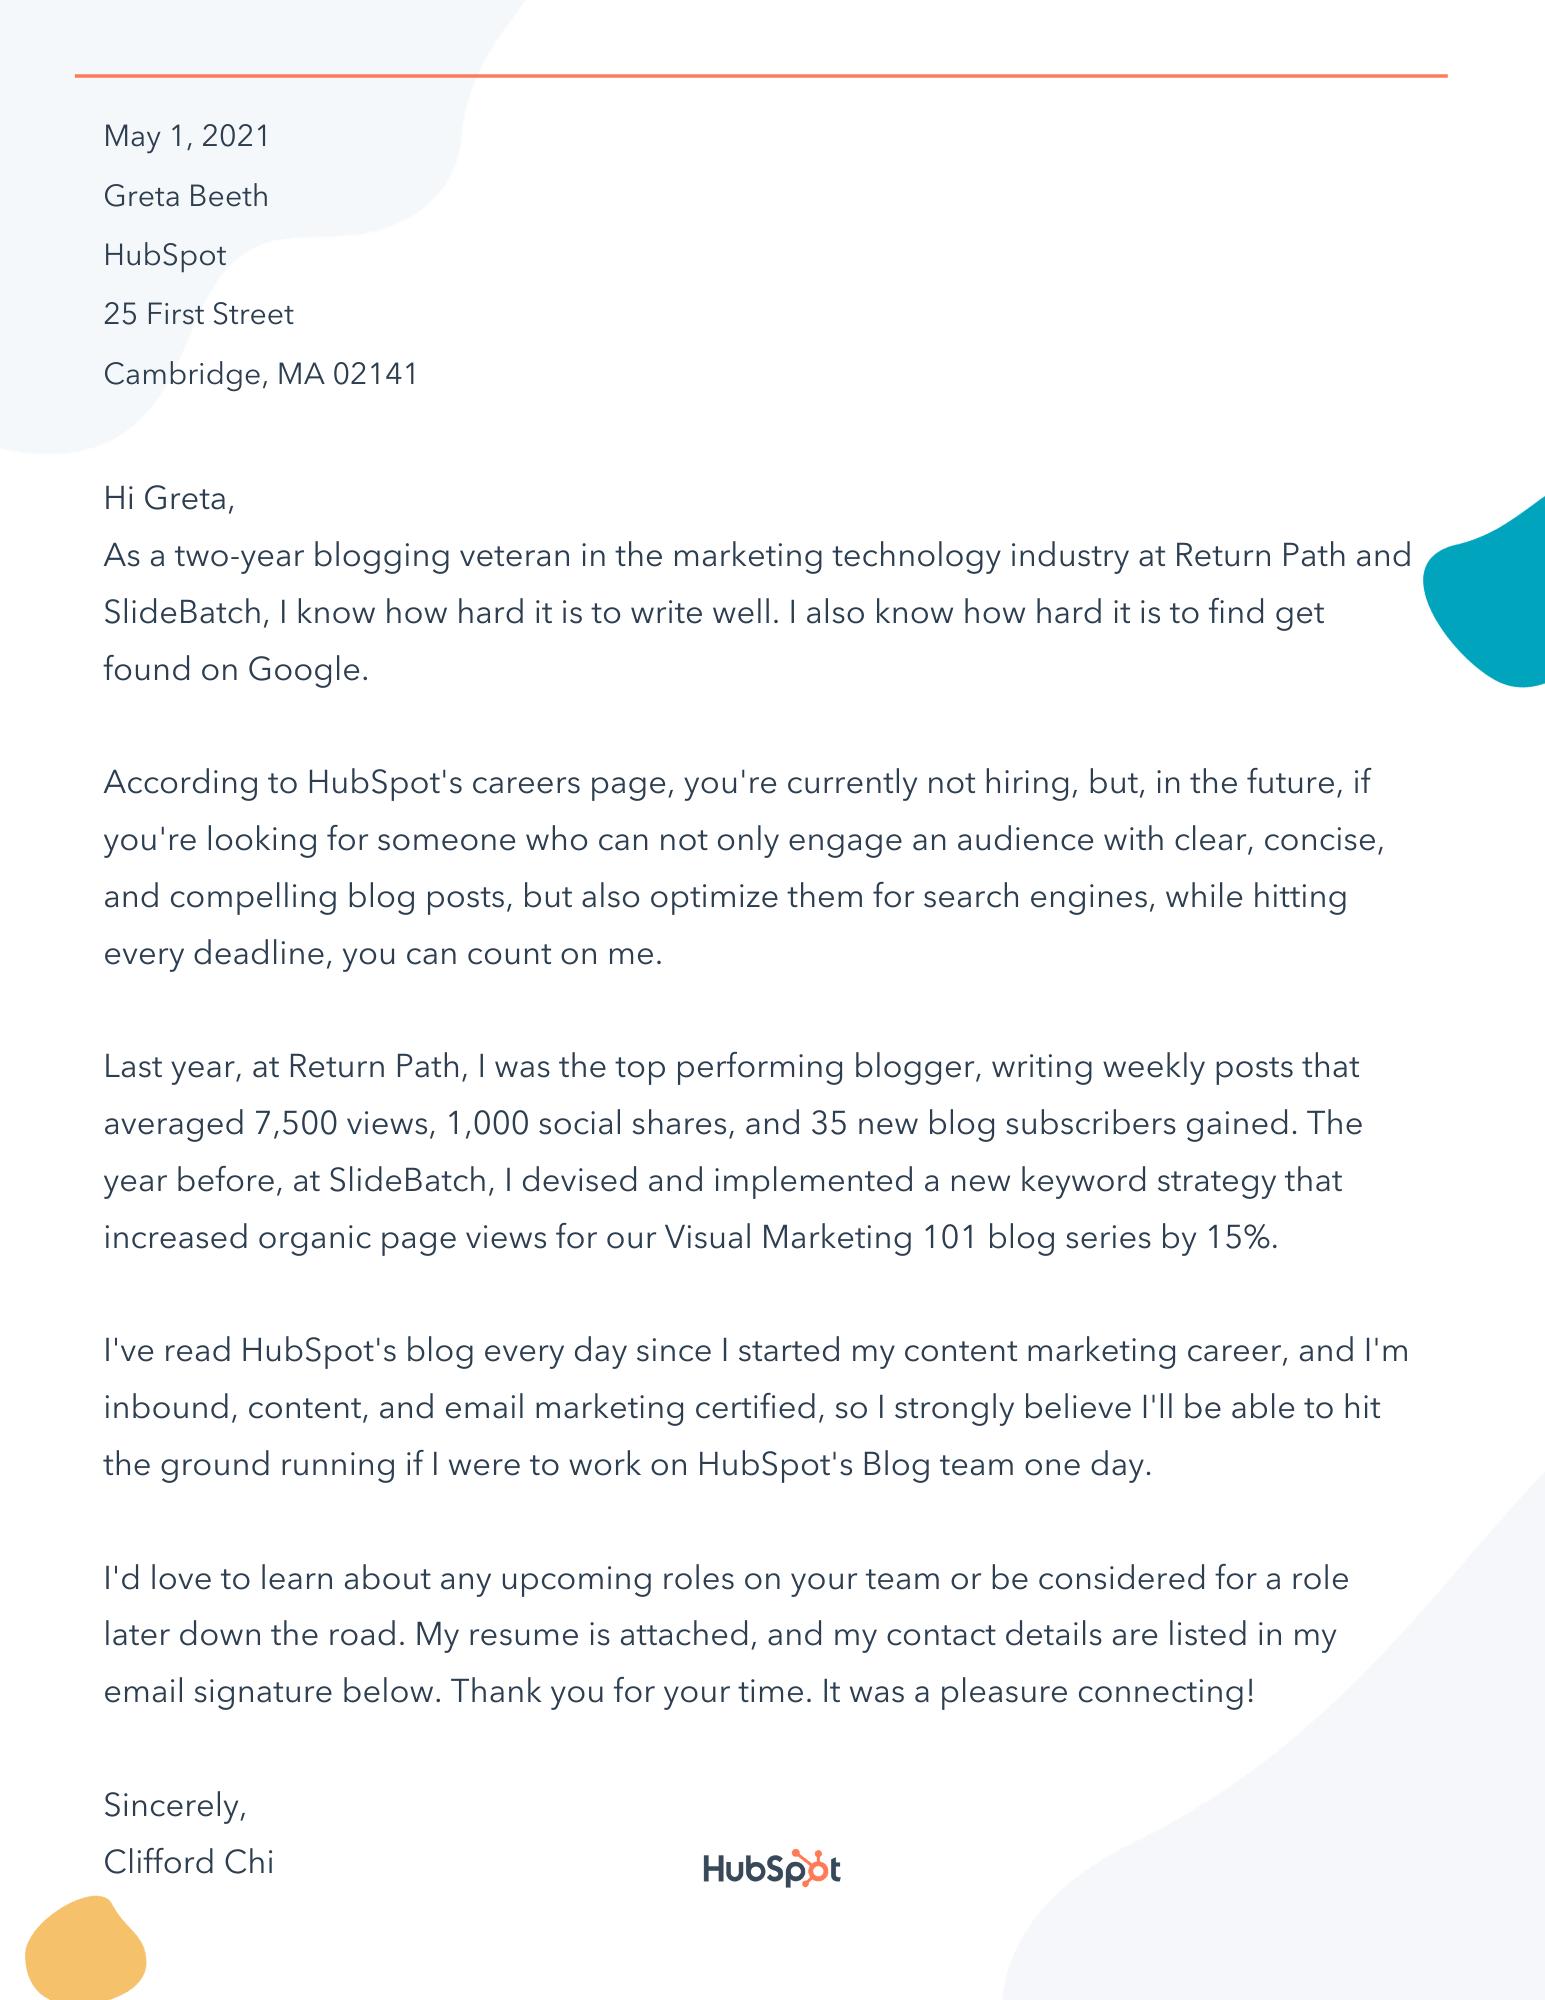 Letter of Interest Sample Letter